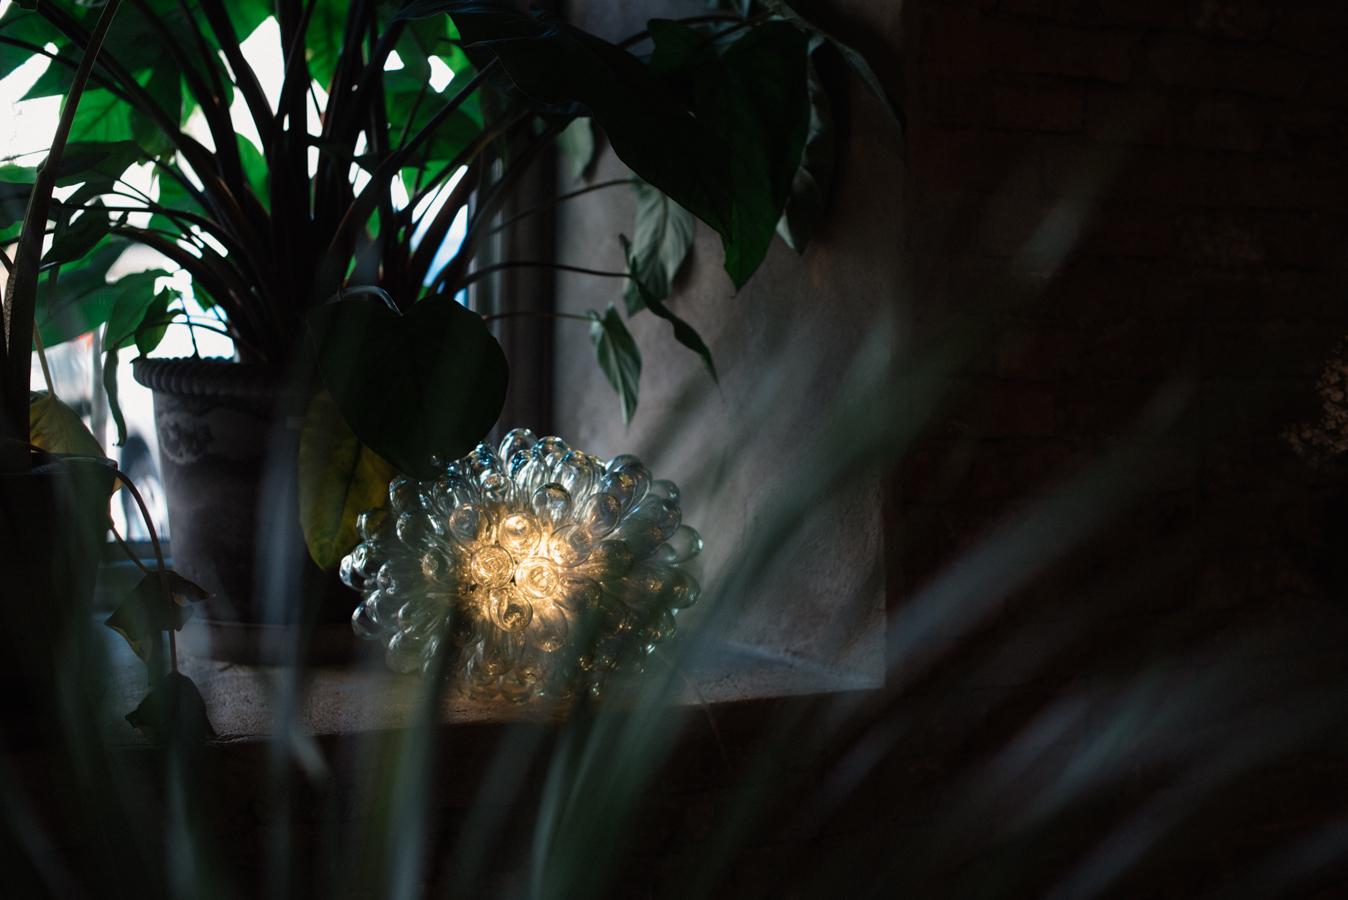 inspireras av belysning bordslampa glas midbec tapeter